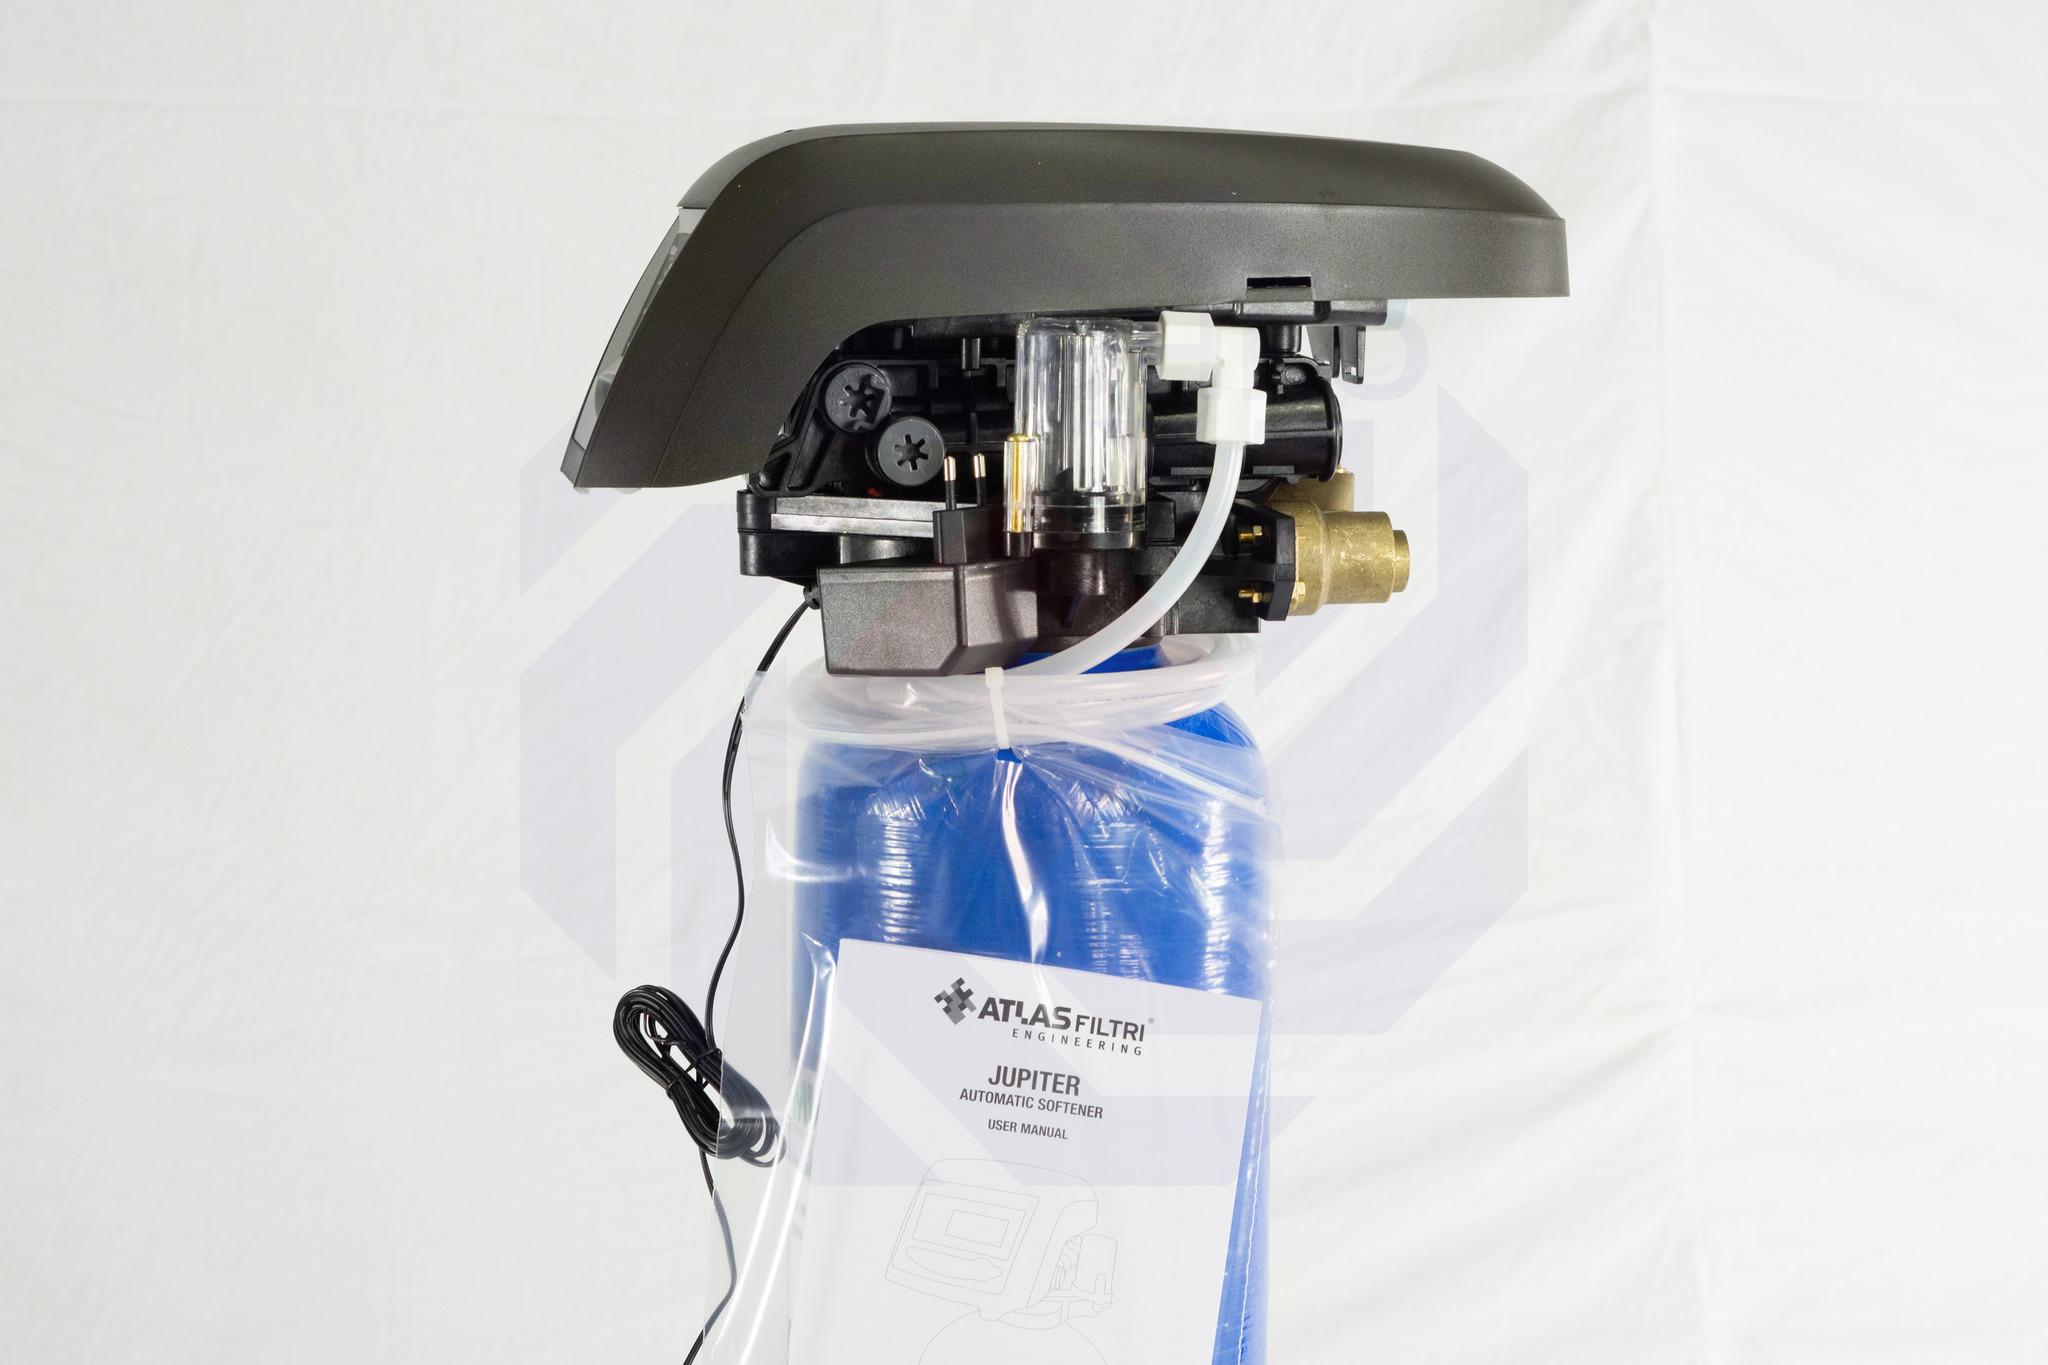 Установка для умягчения воды ATLAS JUPITER 70 ATL